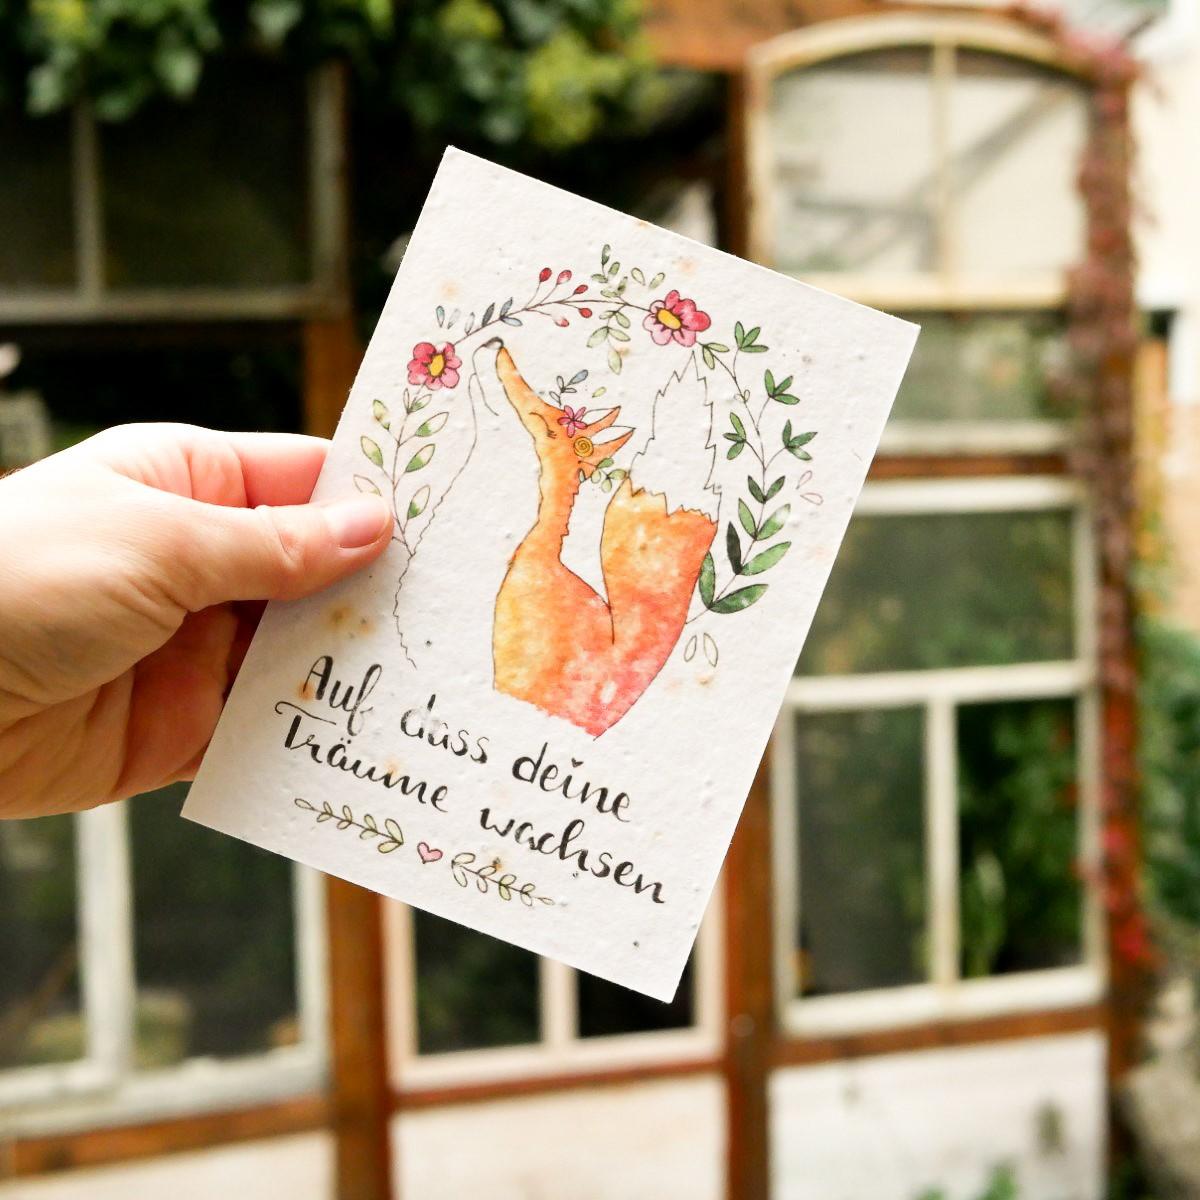 Einpflanzbare Postkarte aus Samenpapier. Geburtstagskarte mit handgezeichnetem Motiv mit Fuchs und Blumen.